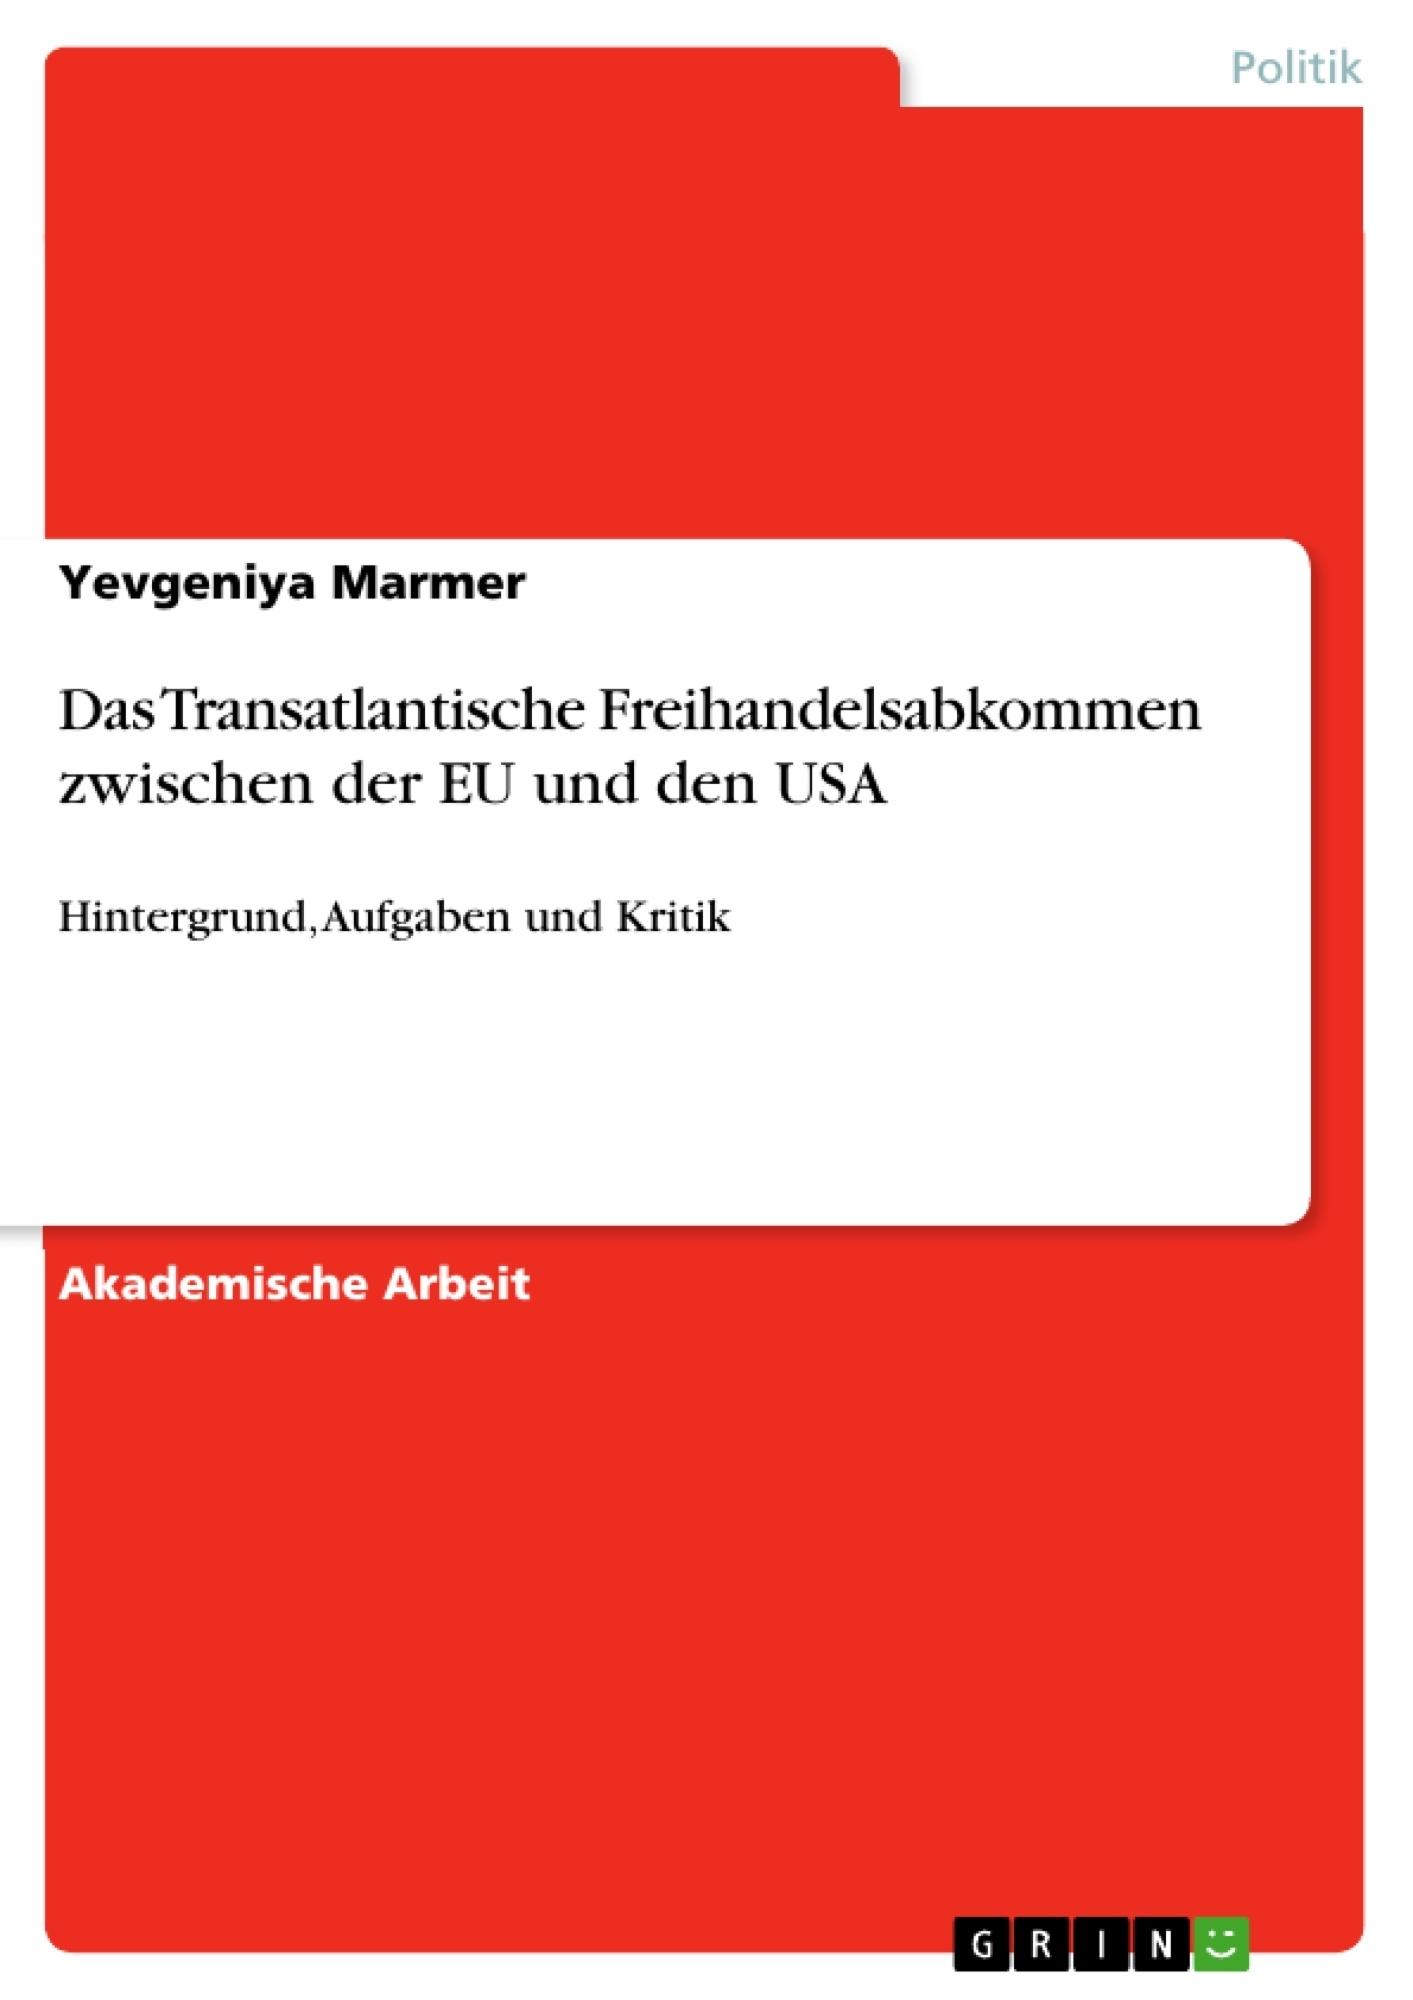 Titel: Das Transatlantische Freihandelsabkommen zwischen der EU und den USA